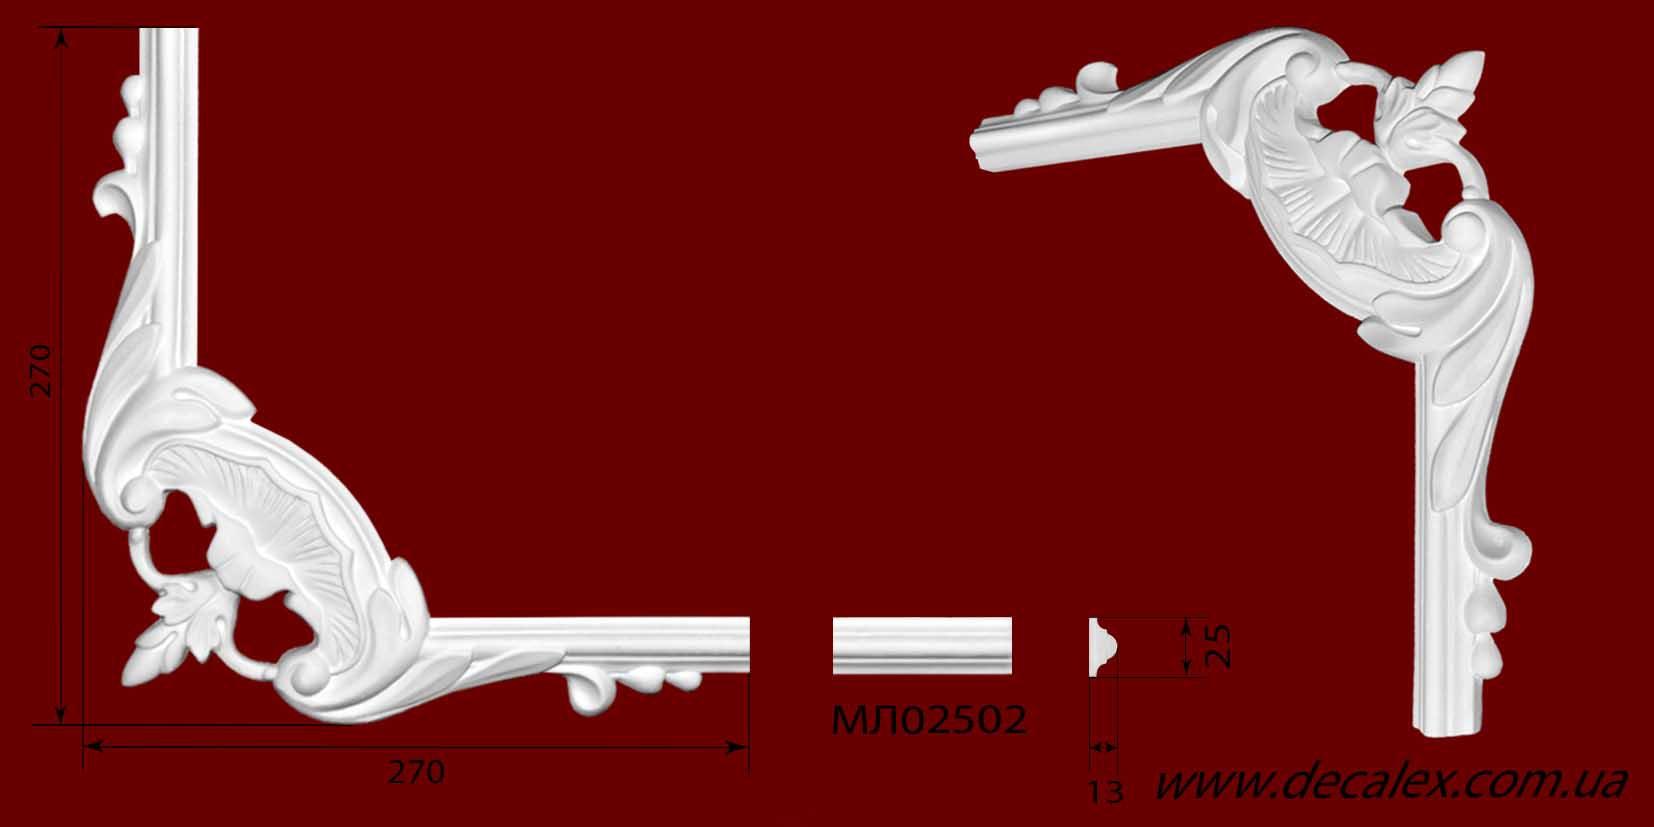 Код товара ГЛ02502-6. Угловой элемент из гипса , стыкуется с МЛ02502. Розничная цена 70 грн./шт.